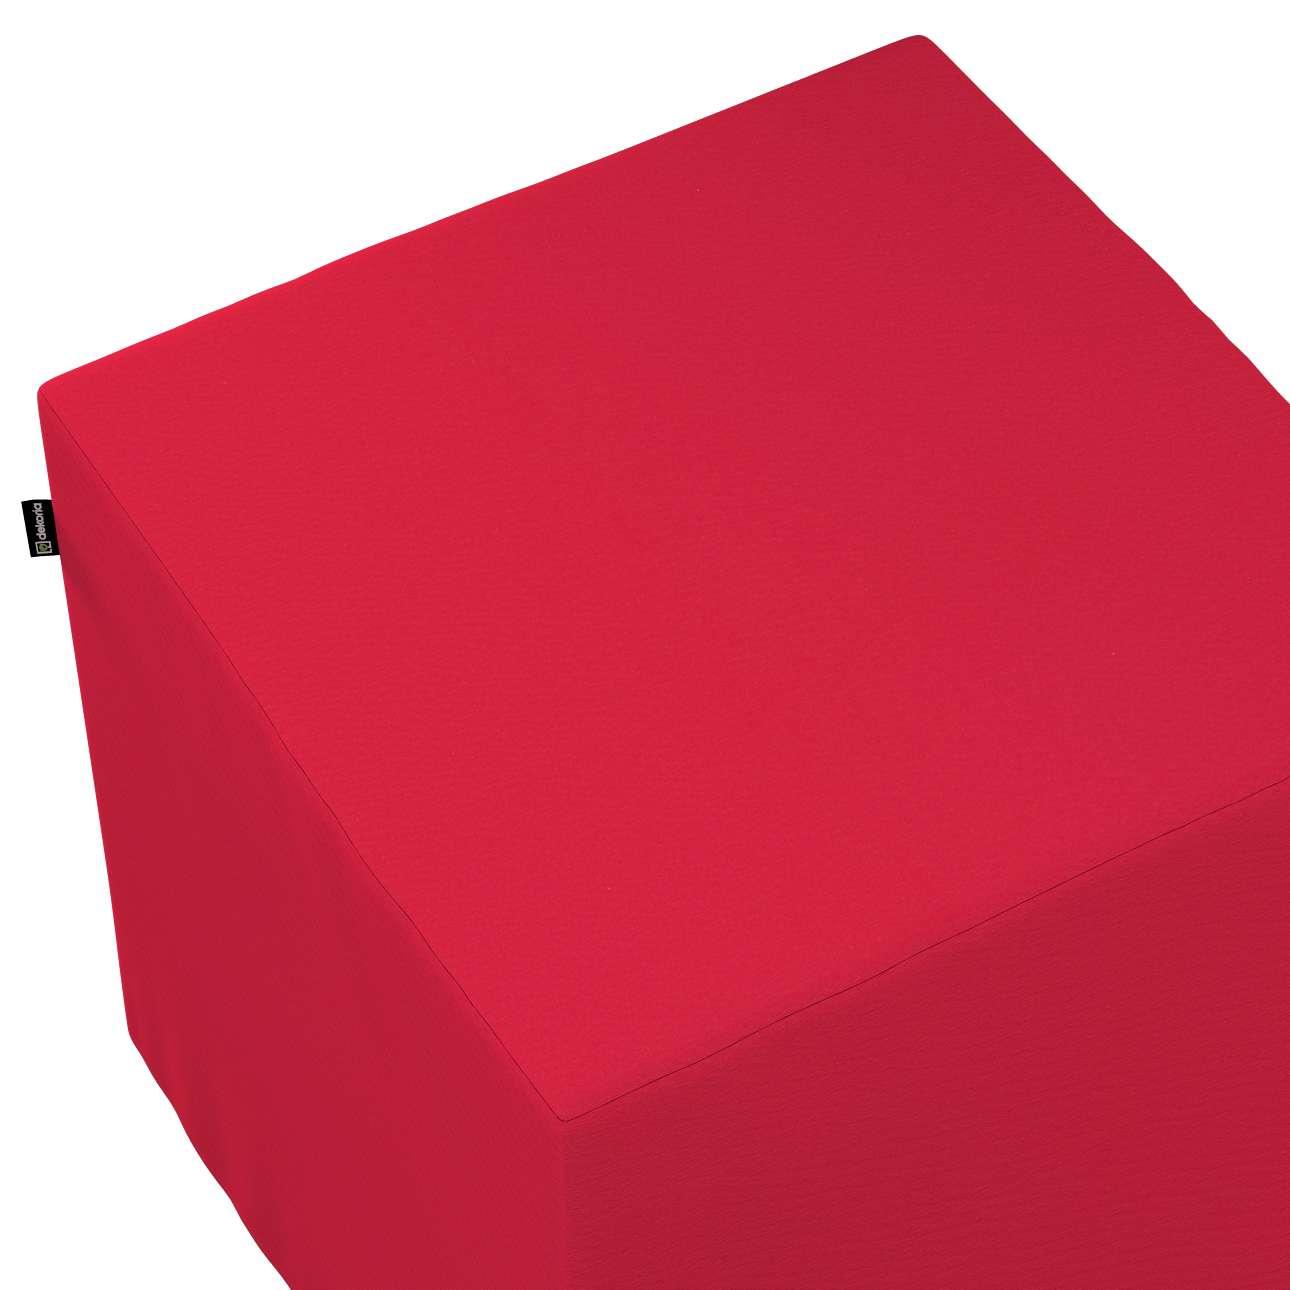 Taburetka tvrdá, kocka V kolekcii Quadro, tkanina: 136-19